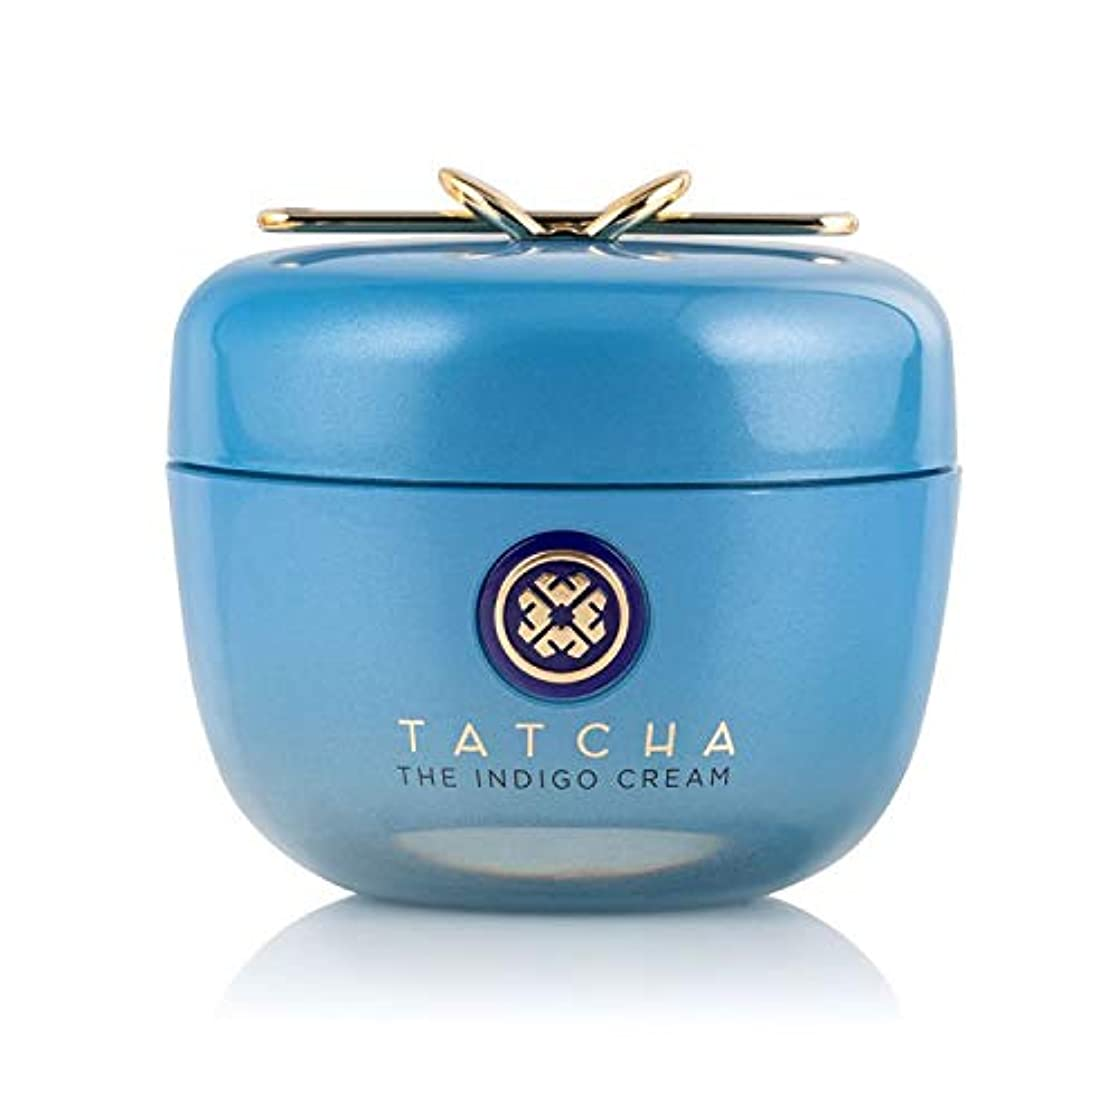 露骨な必要とする早めるTatcha The Indigo Cream Soothing Skin Protectant 1.7 oz/ 50 mL タチャインディゴ クリーム